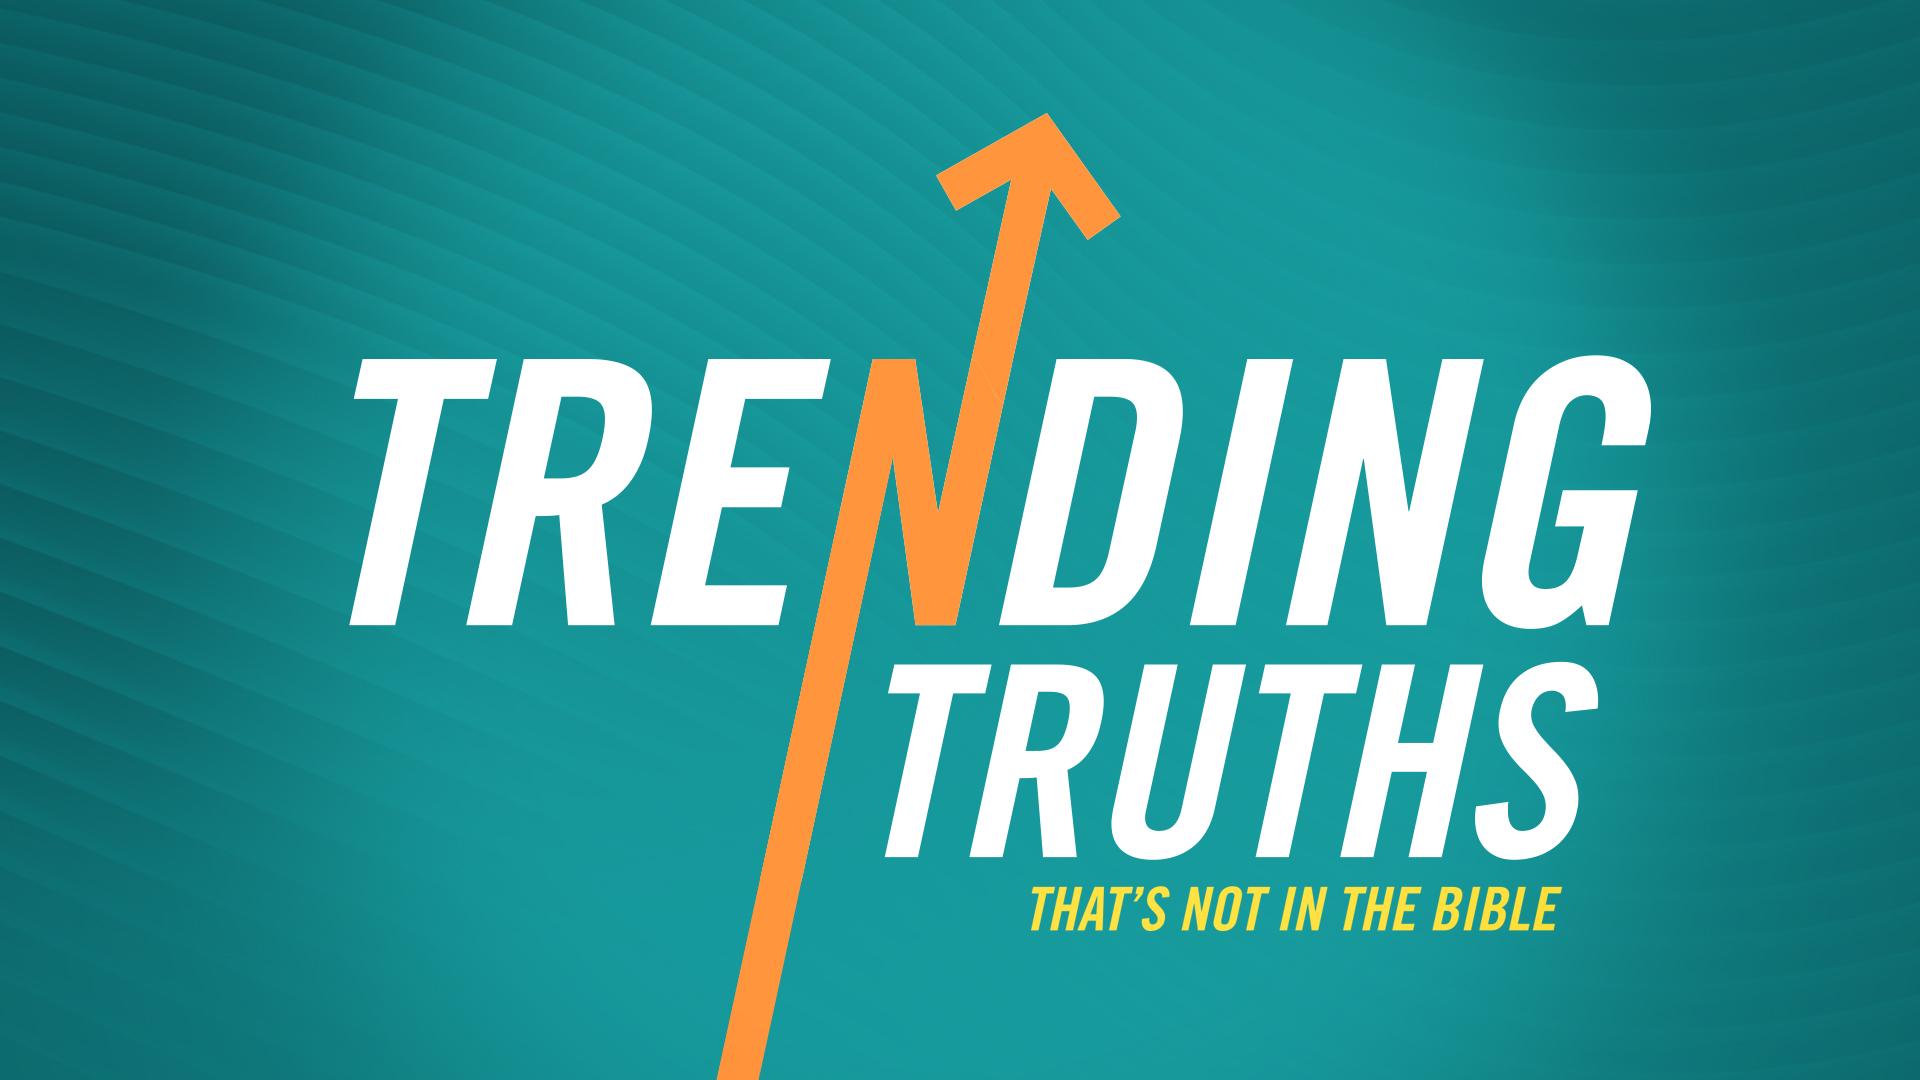 TrendingTruths_OnScreen_1920x1080.jpg